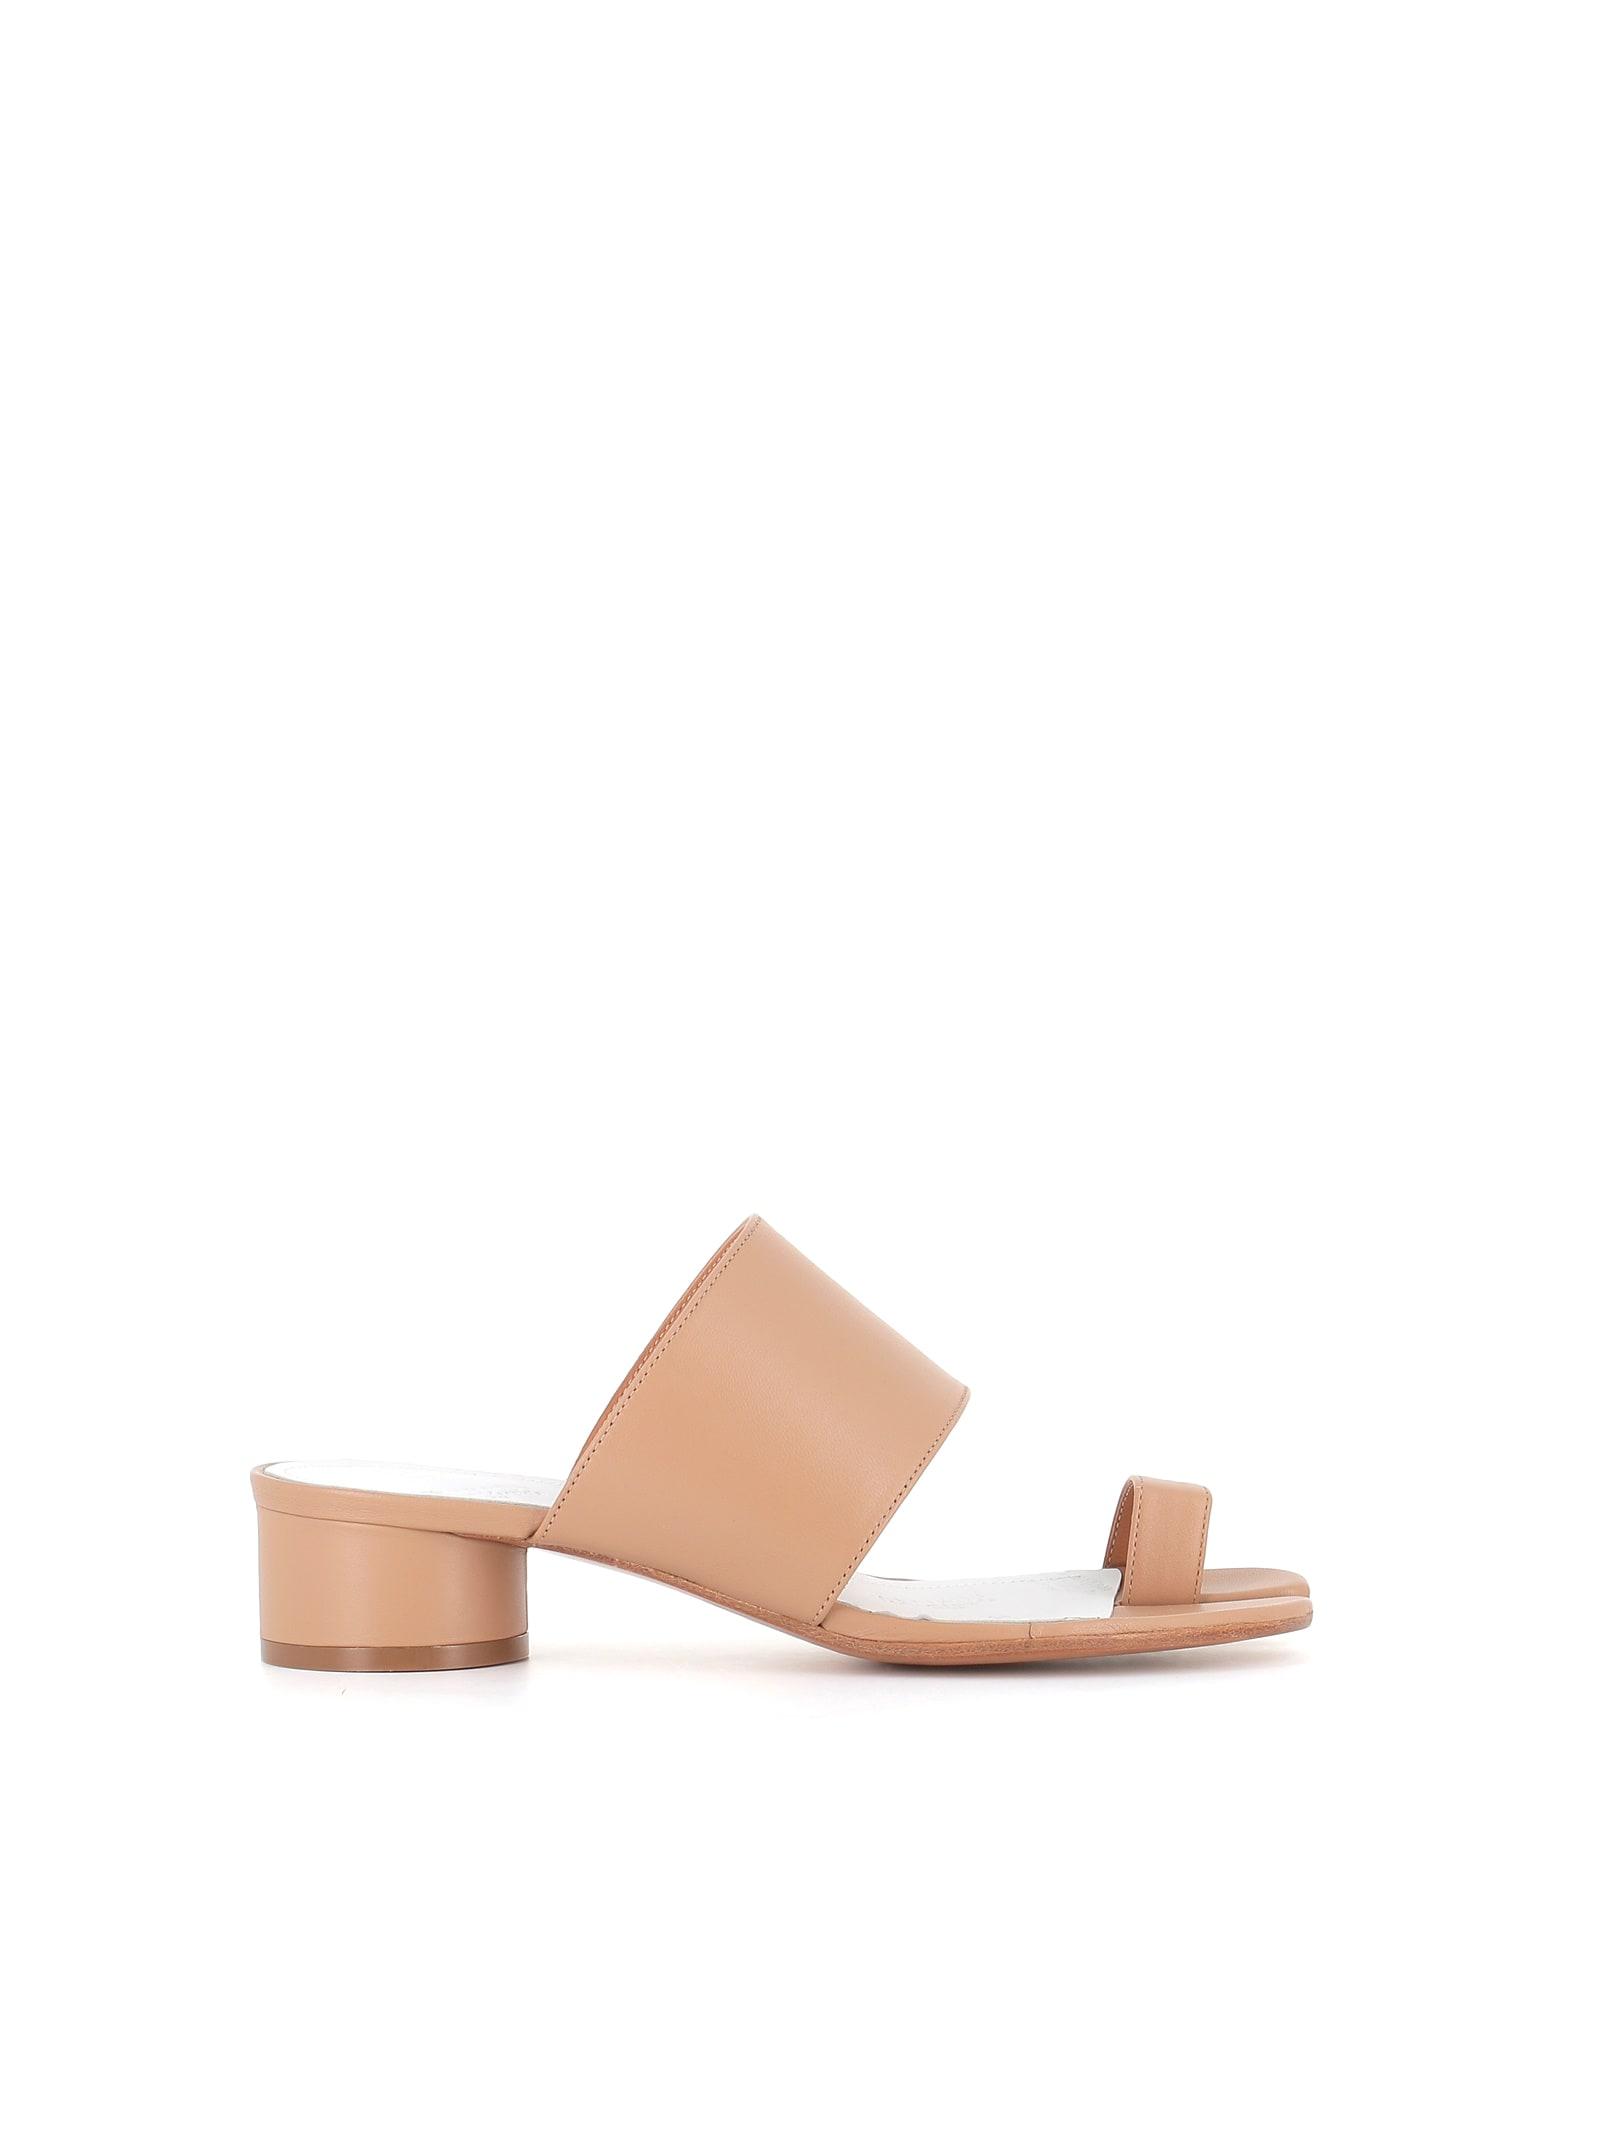 Buy Maison Margiela Sandal online, shop Maison Margiela shoes with free shipping